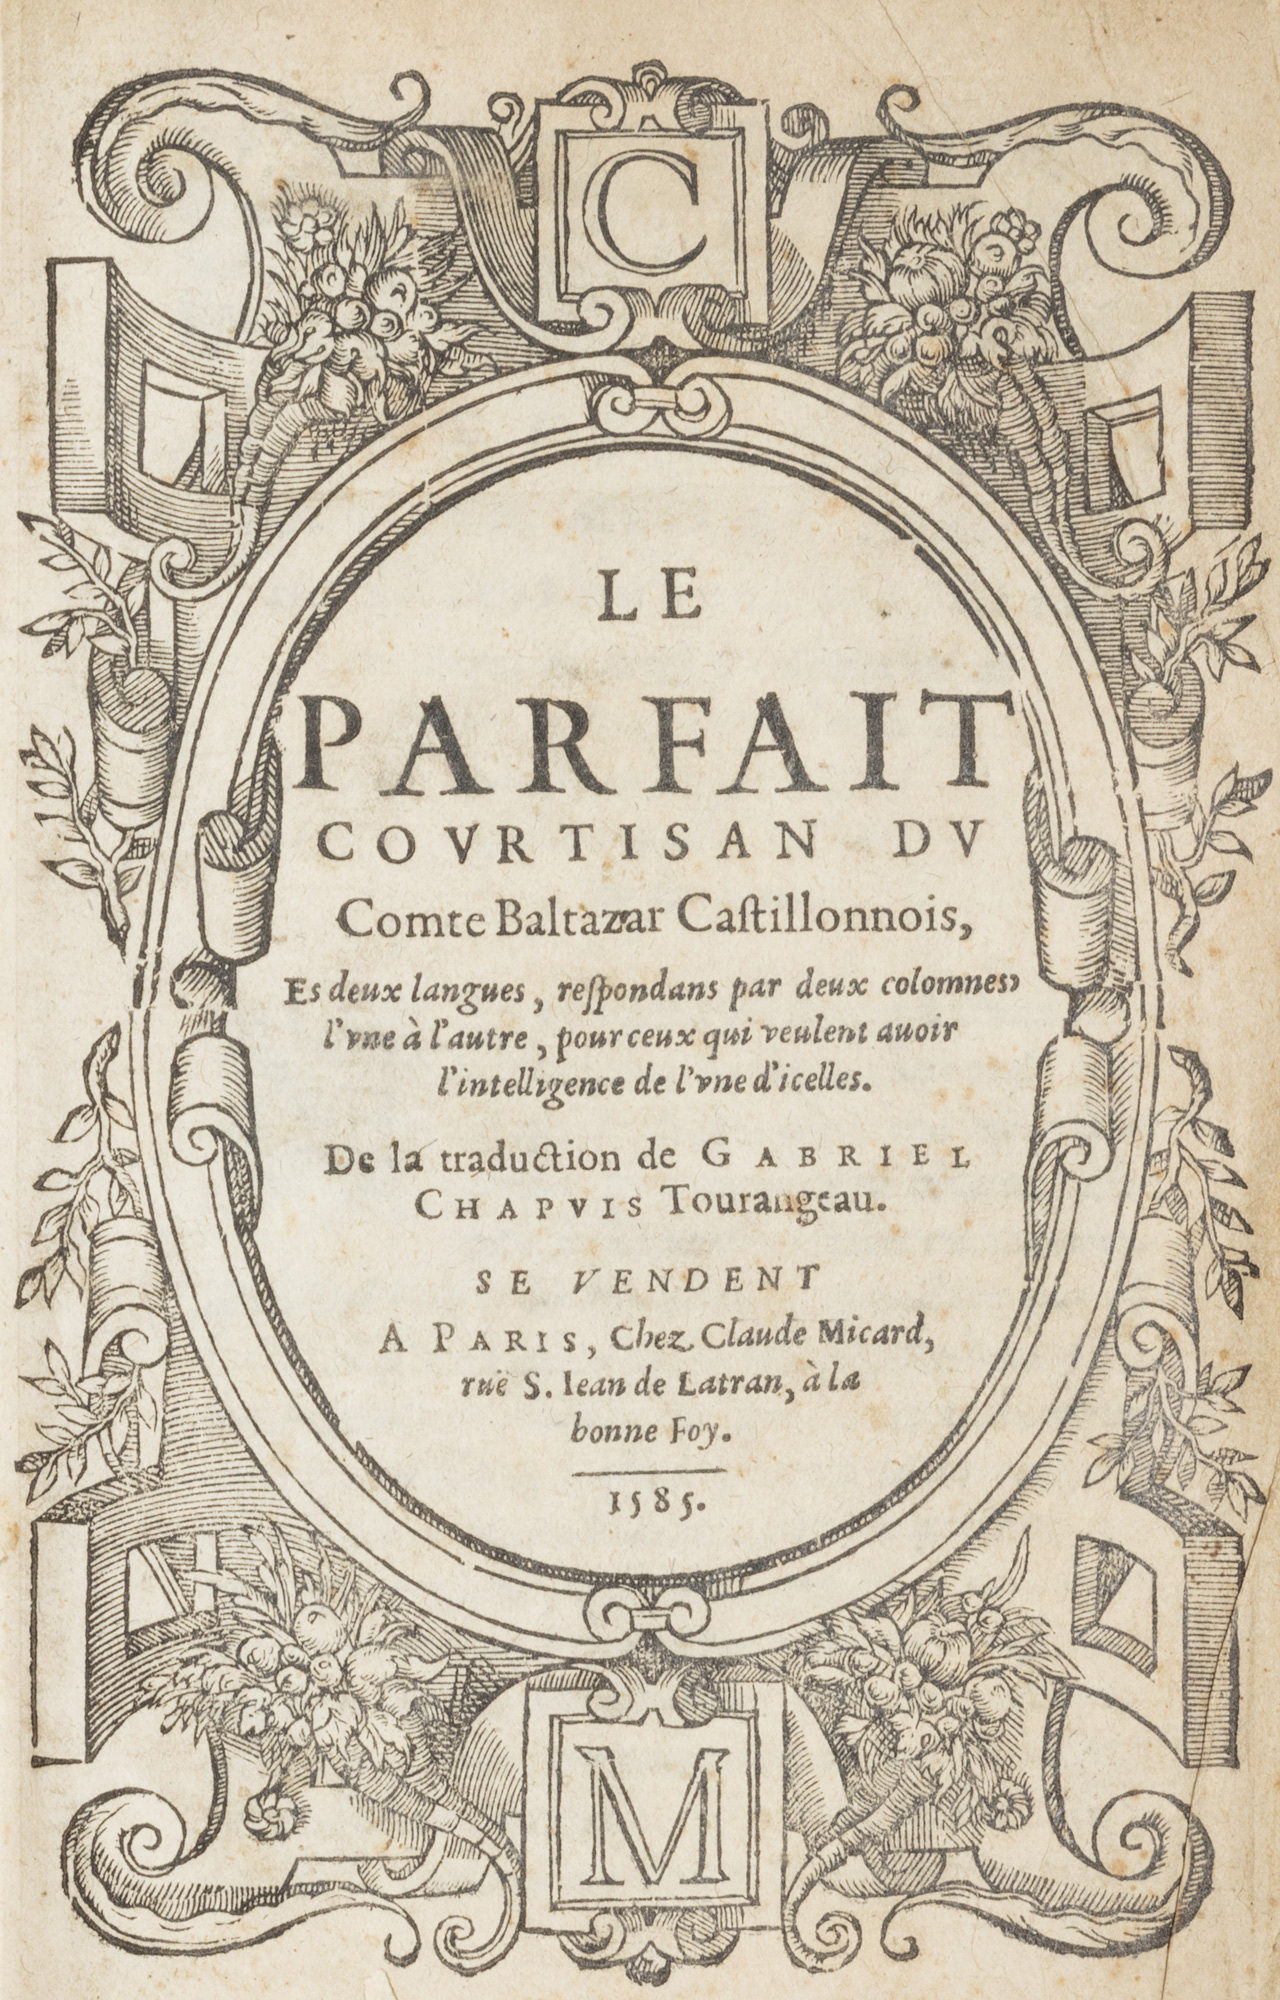 Le parfait courtisan du comte Baltasar Castillonois, es deux langues…de la traduction de Gabriel Chapuis Tourangeau